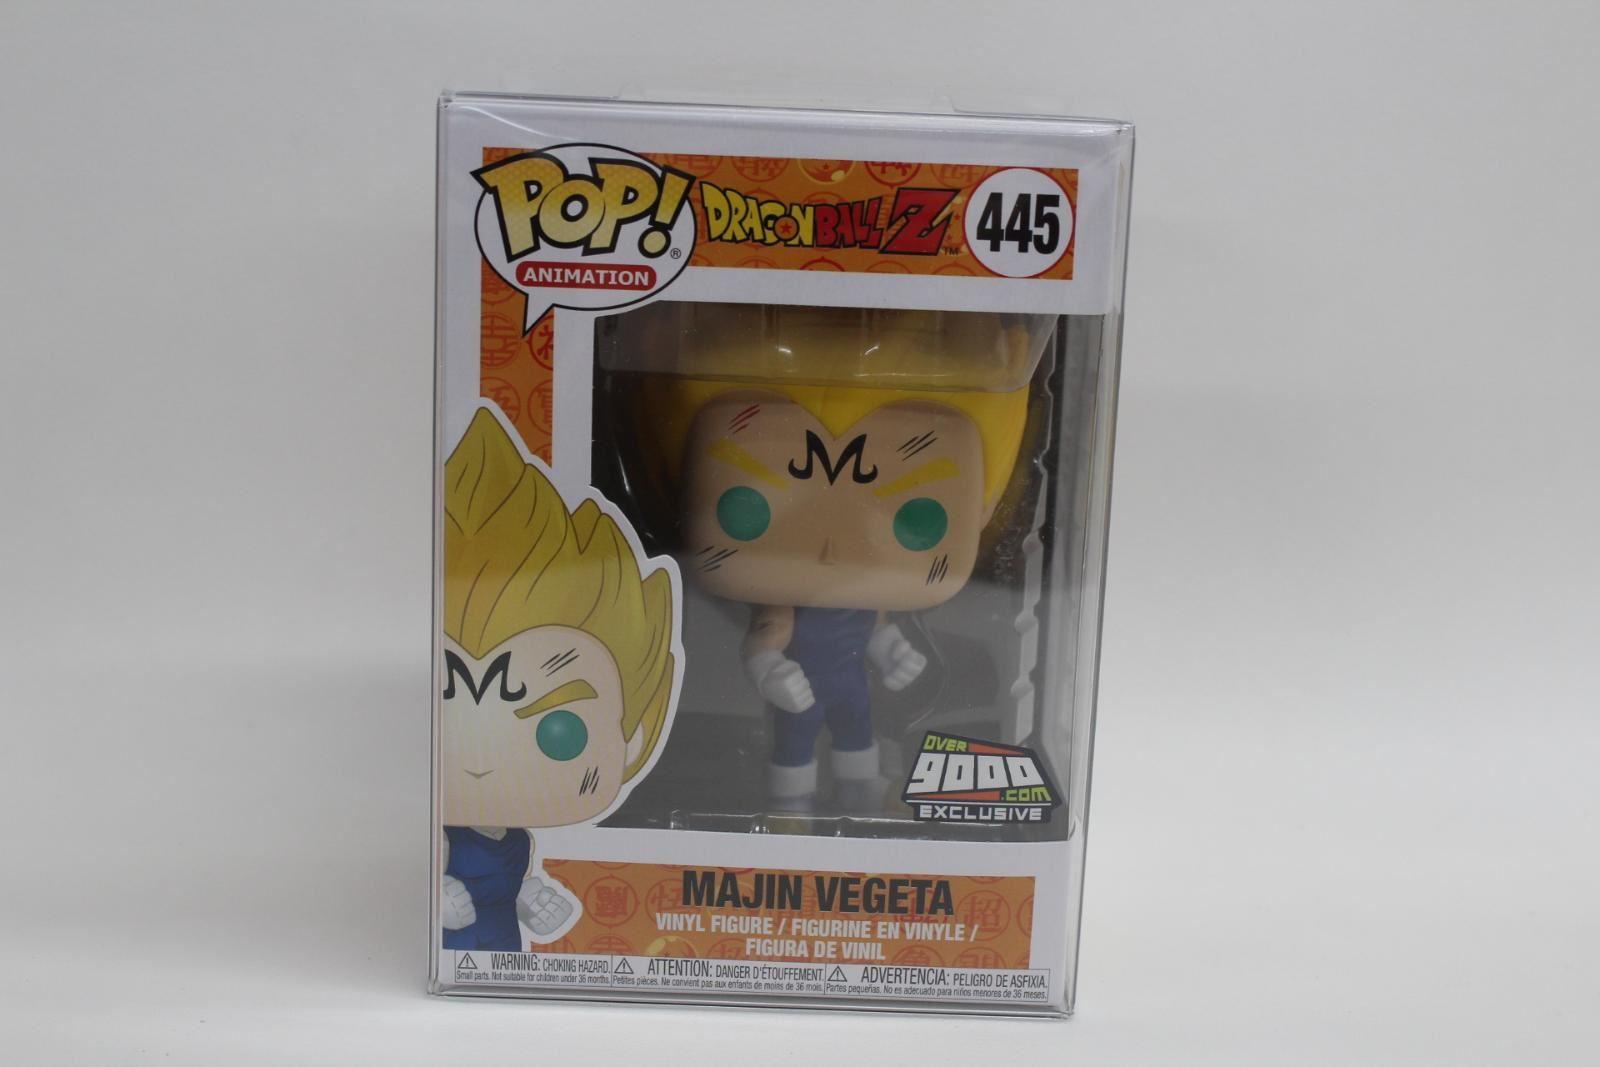 Nouveau Funko Pop! Dragonball Z Majin Vegeta Plus de 9000 figurines exclusives en vinyle 445